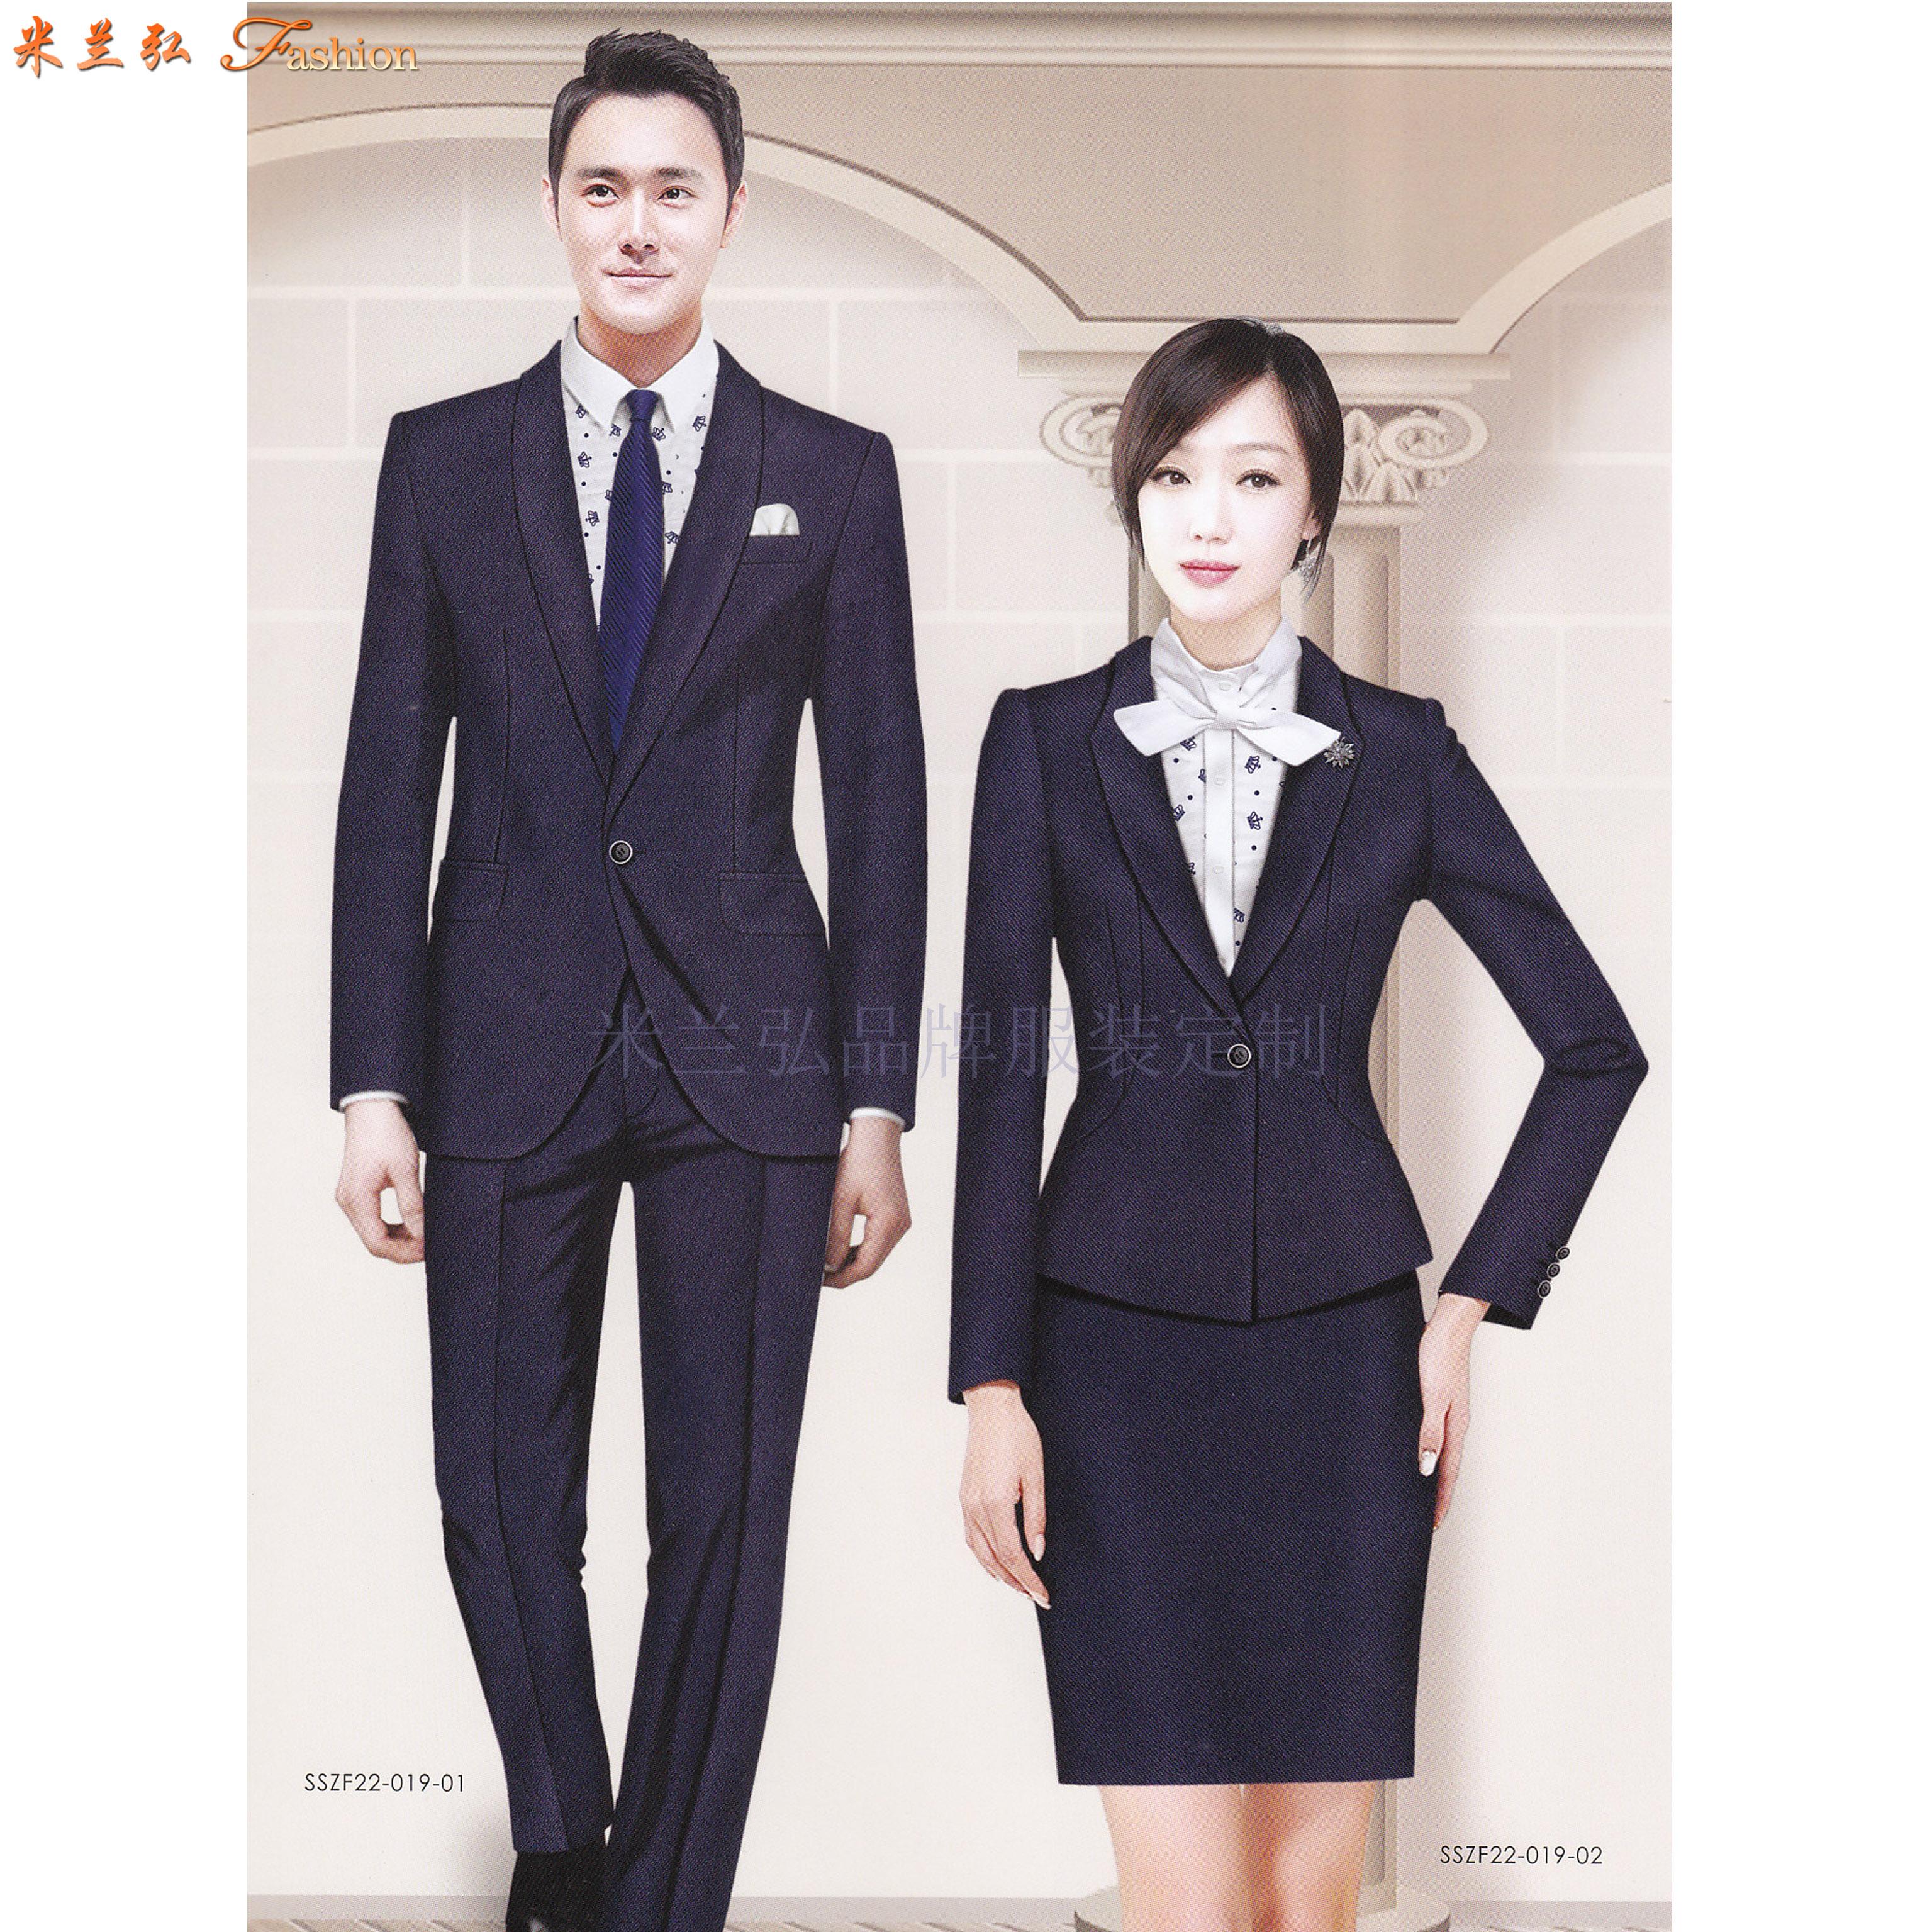 江西西服定制-品牌羊毛西服訂做價格-米蘭弘服裝-1